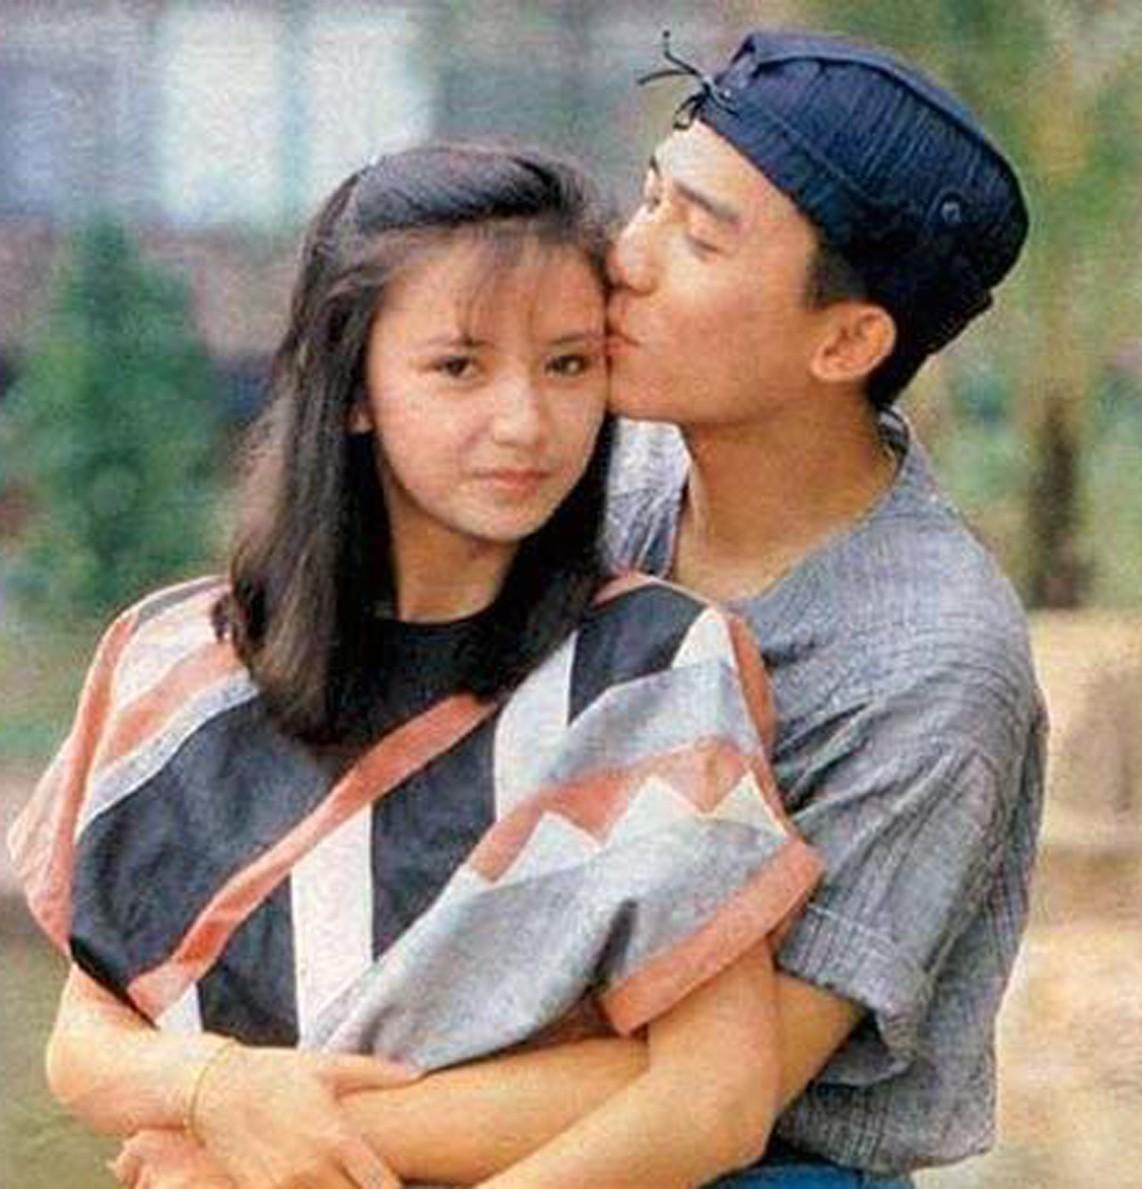 Mối tình đầu của Lương Triều Vỹ: Tình yêu thanh xuân dài 6 năm vẫn tan tành vì 2 lần bị bạn thân cướp người yêu-3